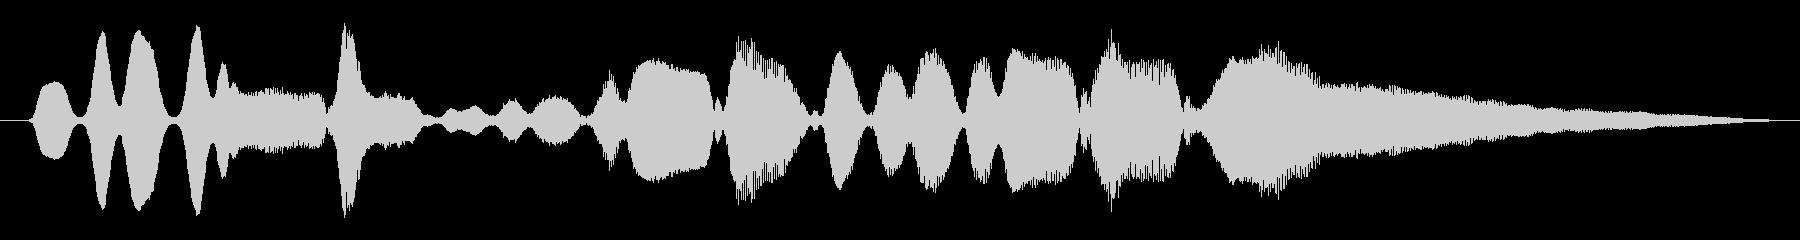 ハーモニカ:ショートプレイ、コメデ...の未再生の波形